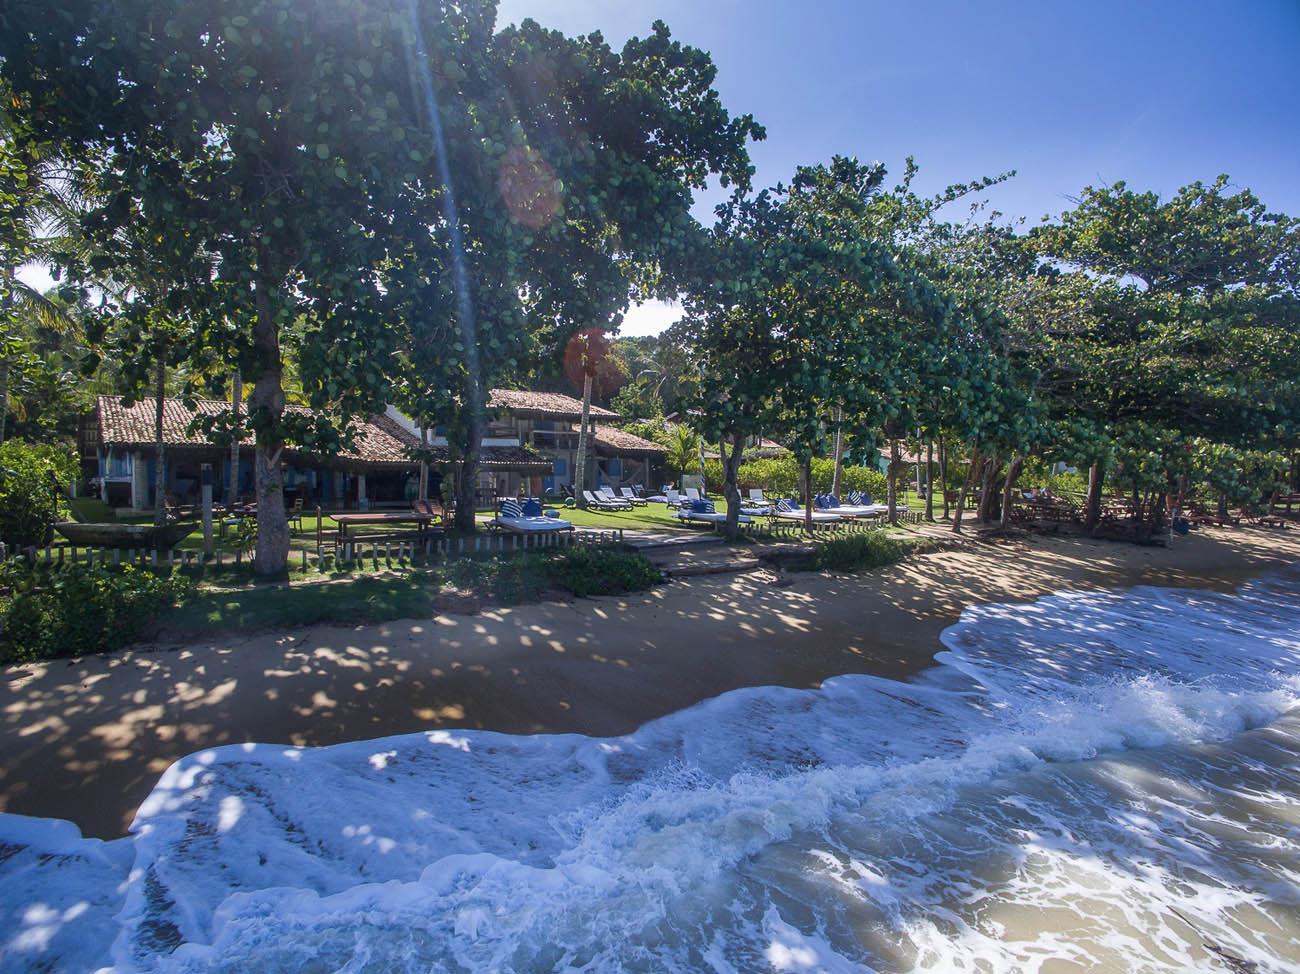 Hotéis charmosos em Praias do Brasil - Pousada-Bendito-Seja- praia do espelho - BA